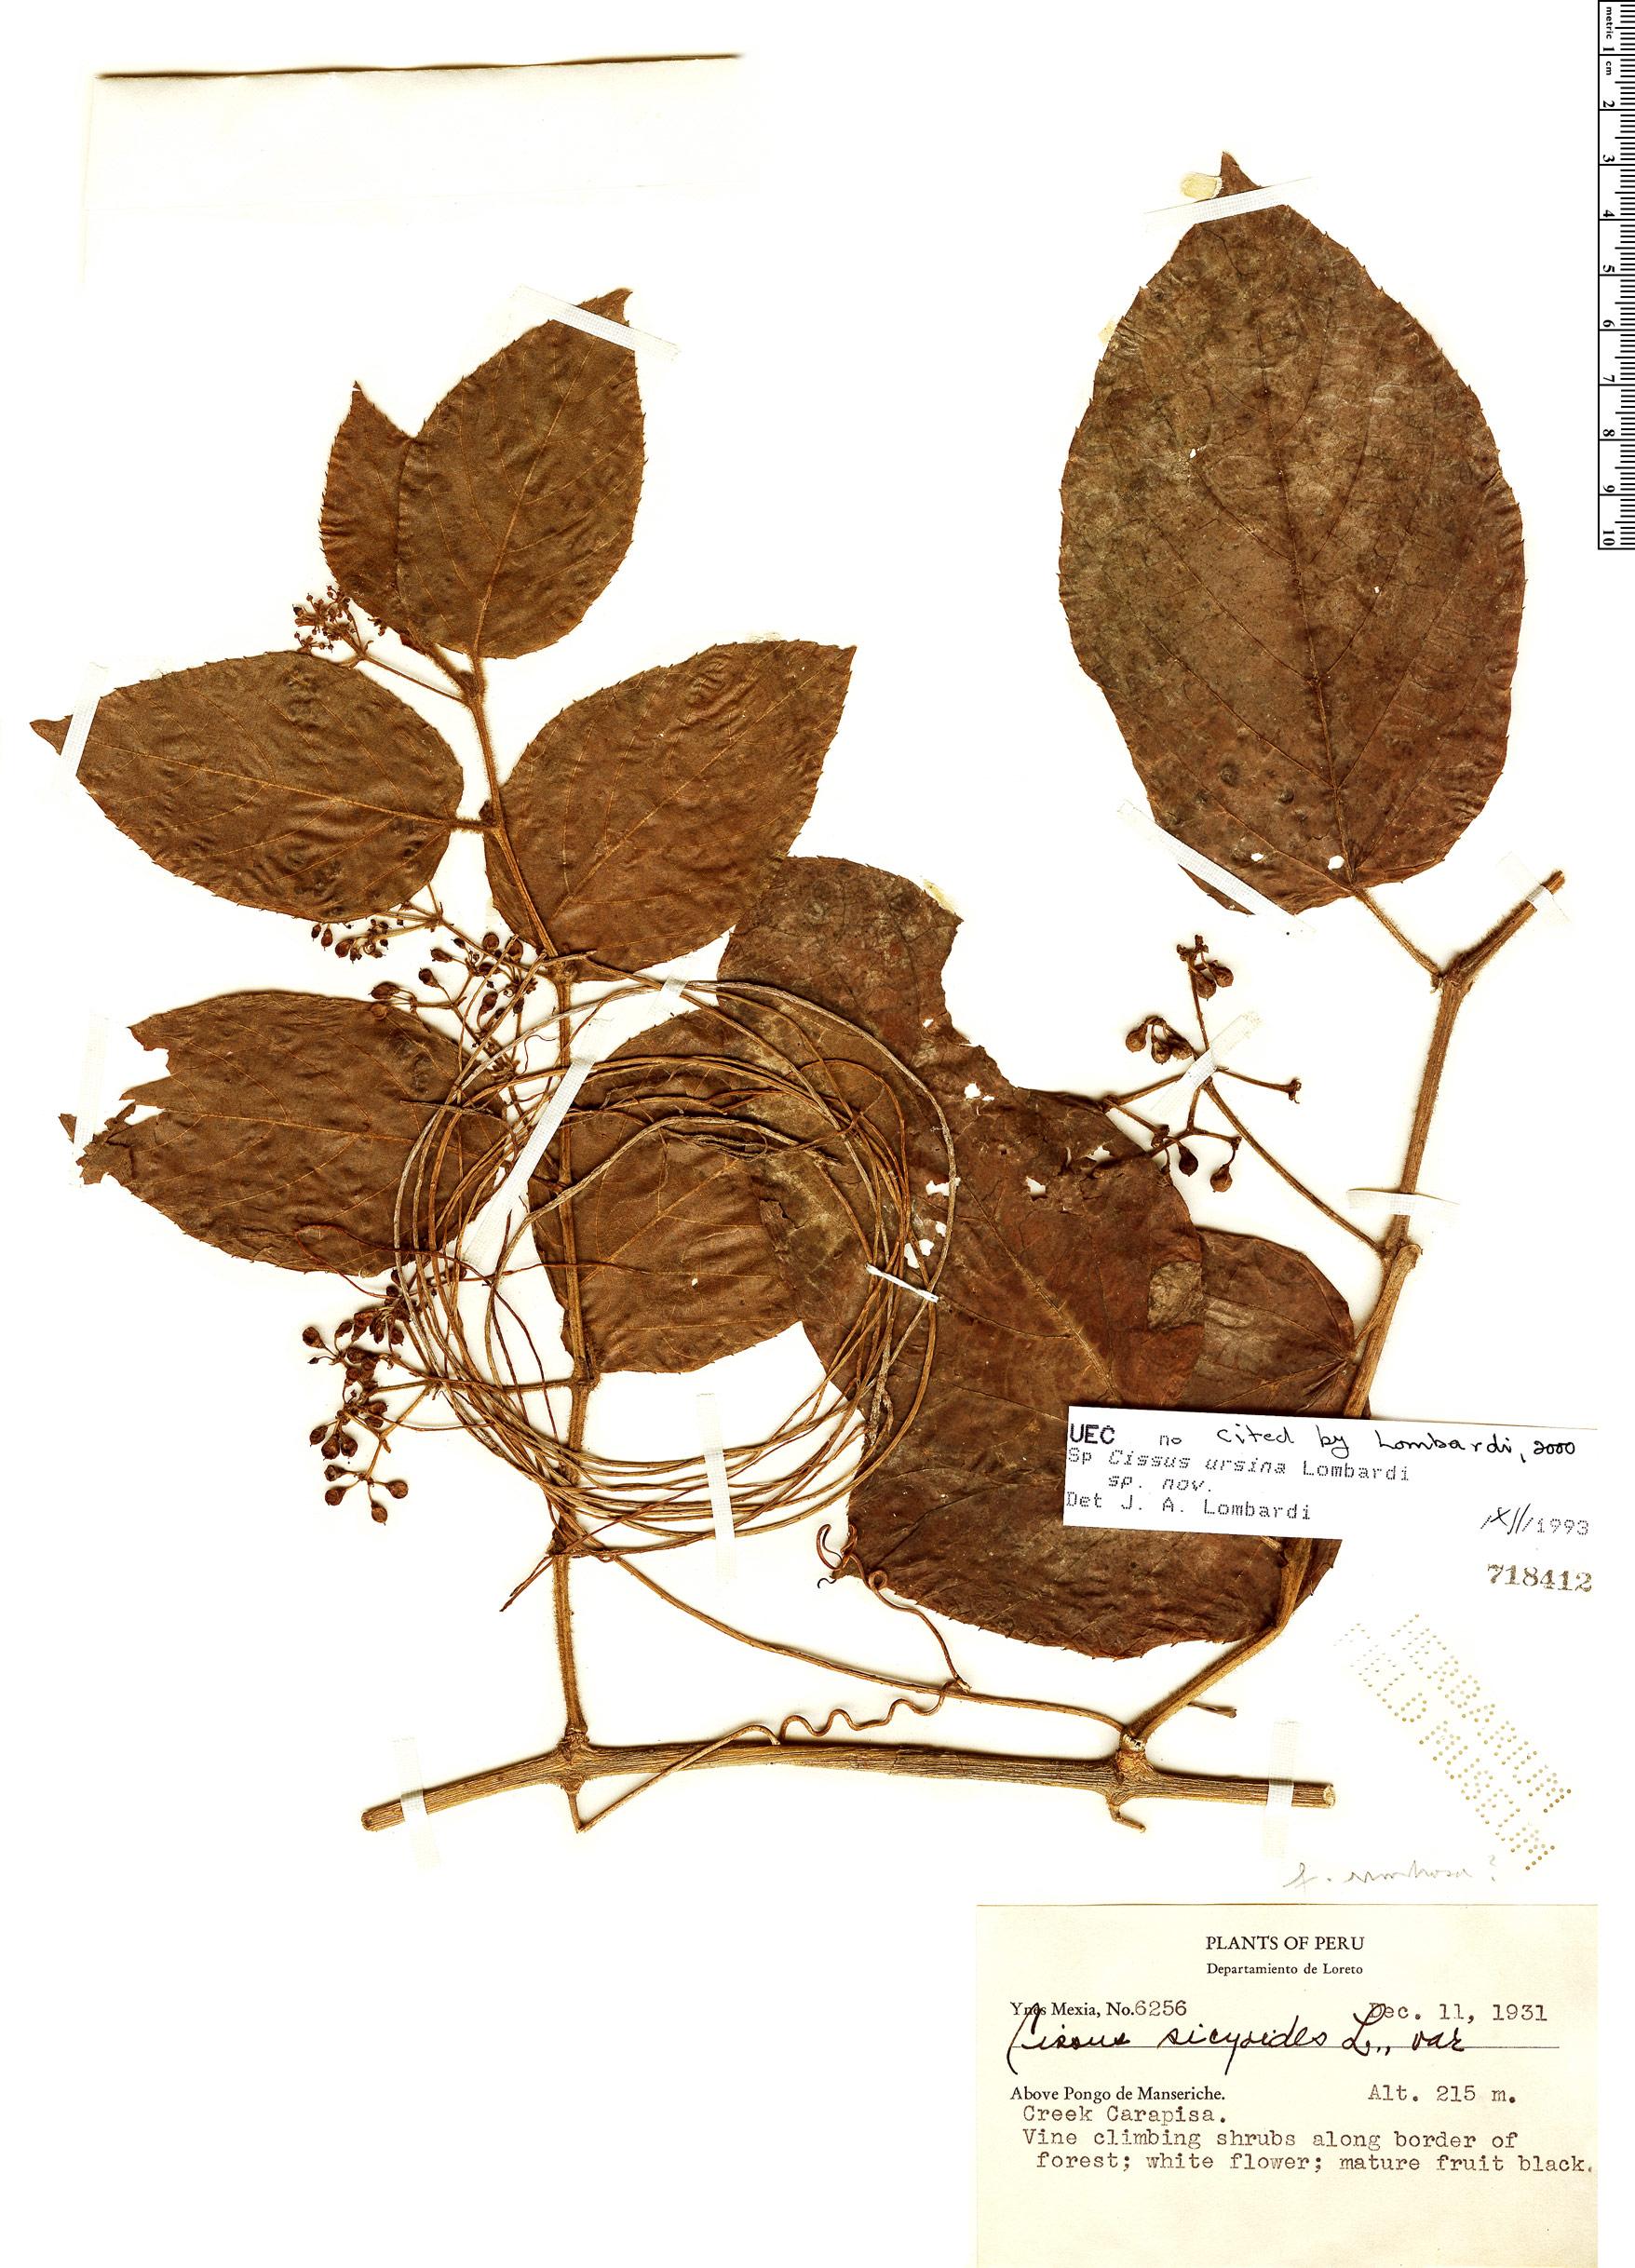 Specimen: Cissus ursina